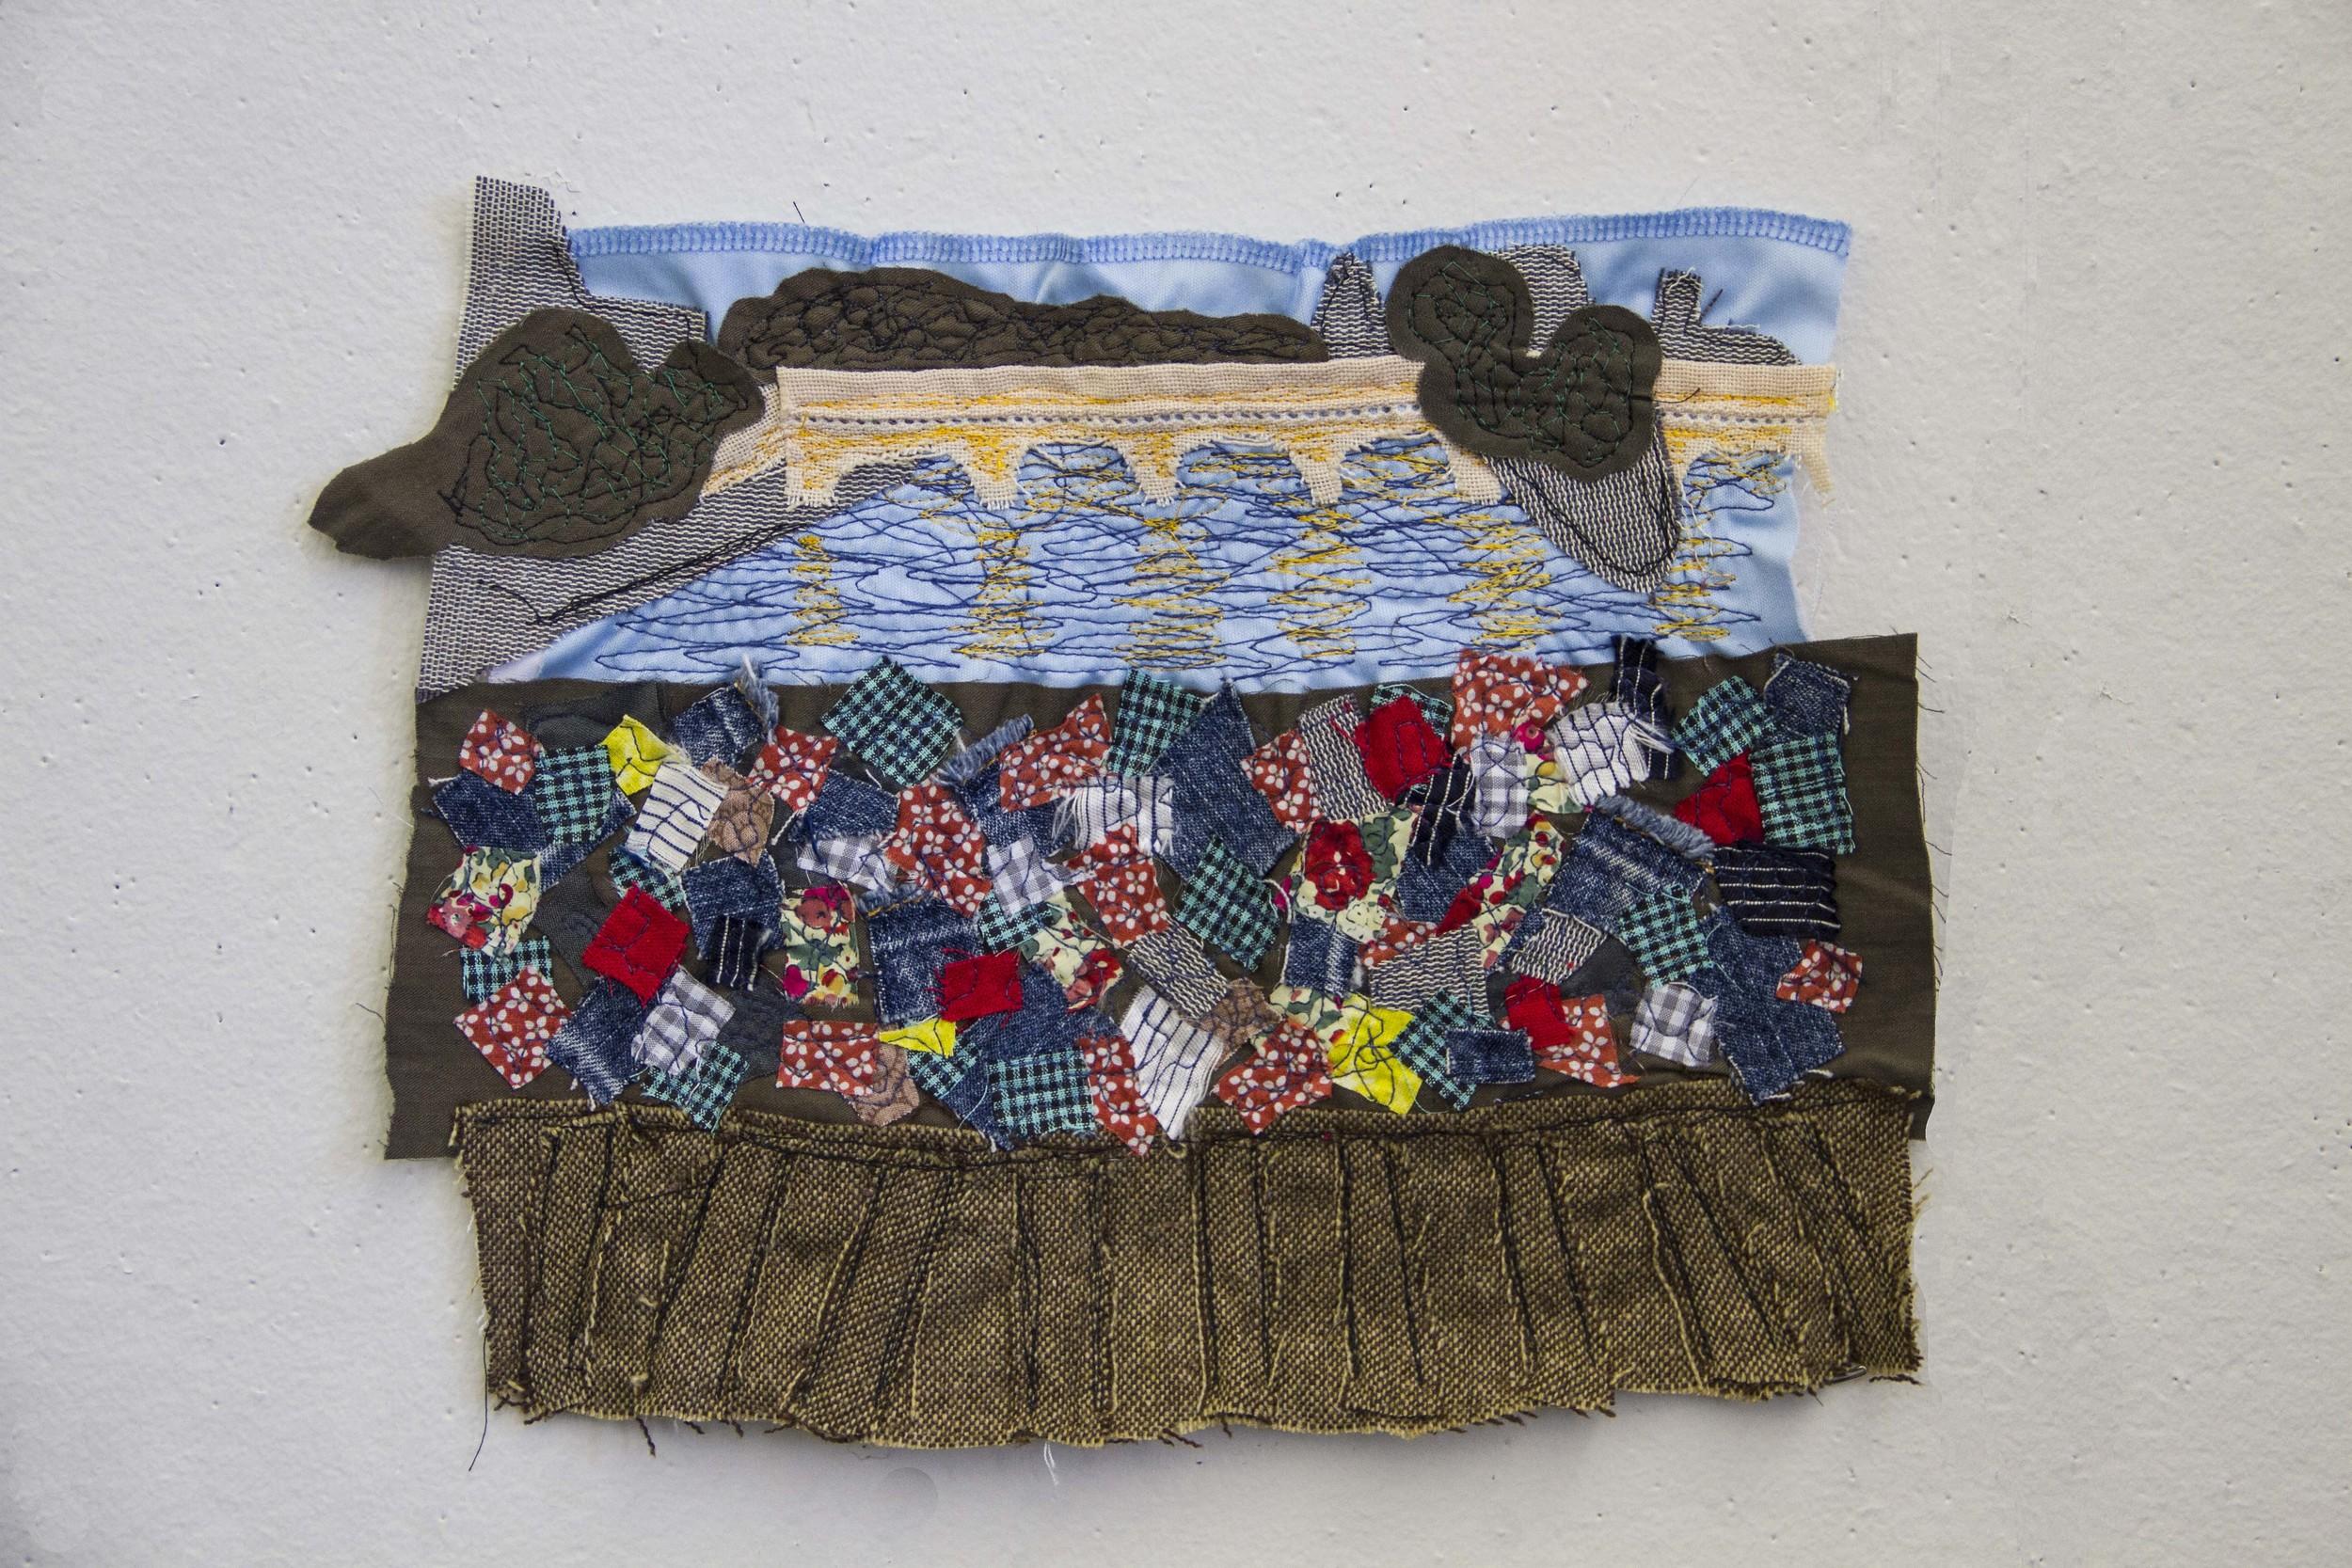 MadisonHeim_Embroidery-2.jpg